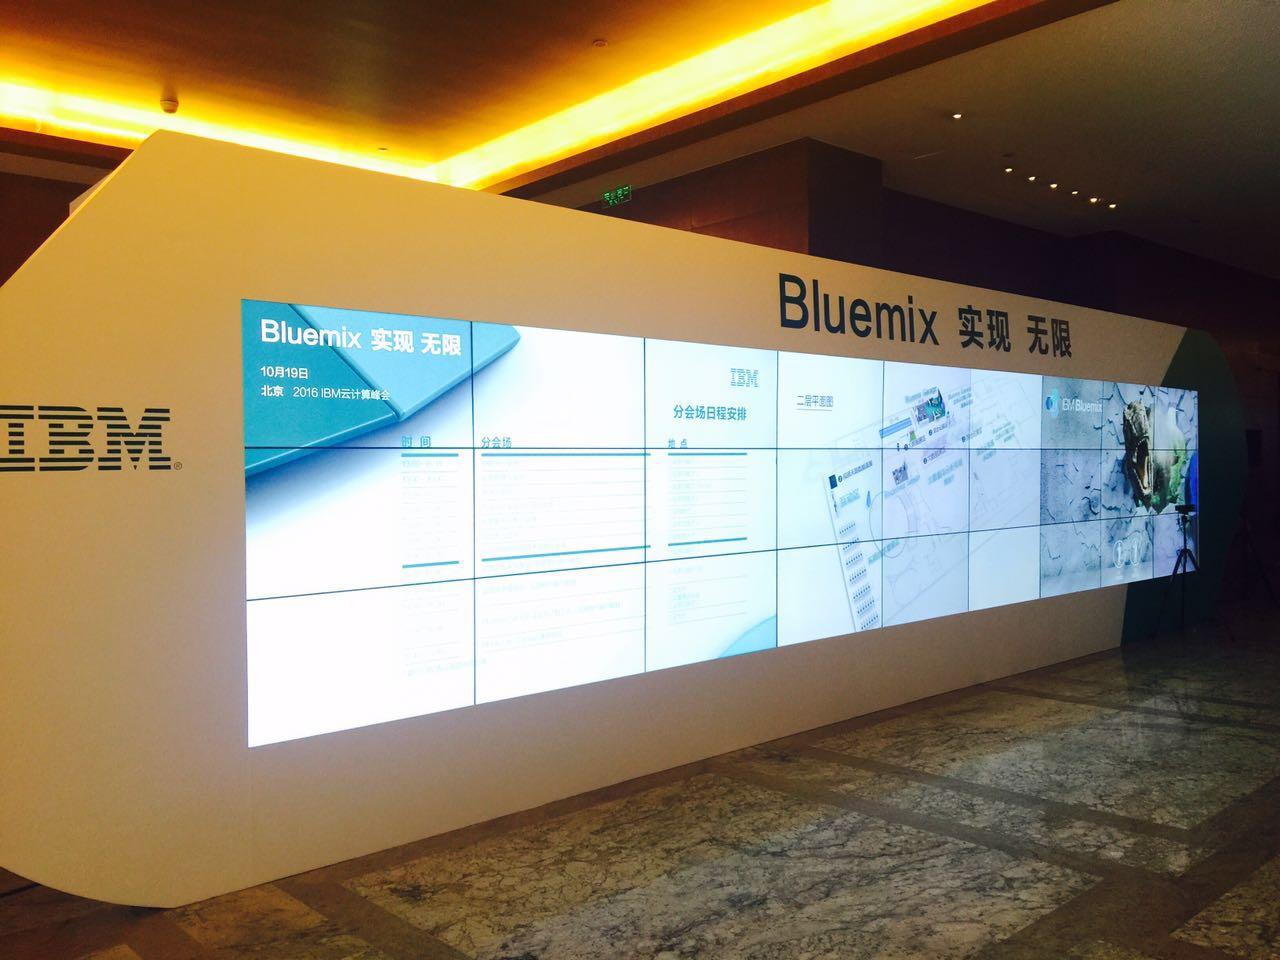 中安鼎辉_中安鼎辉 出席2016 IBM云计算峰会_北京中安鼎辉科技有限公司